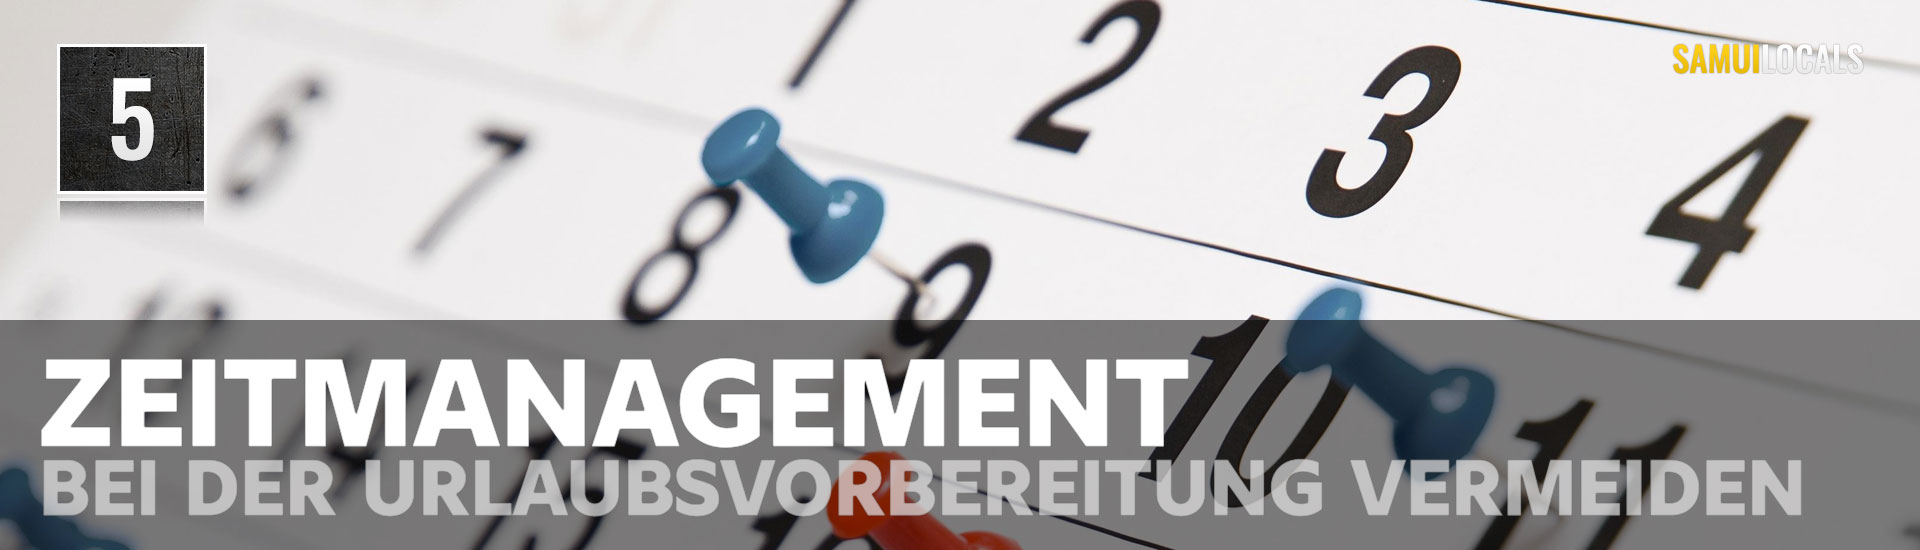 top_10_bei_der_urlaubsvorbereitung_vermeiden_Zeitmanagement